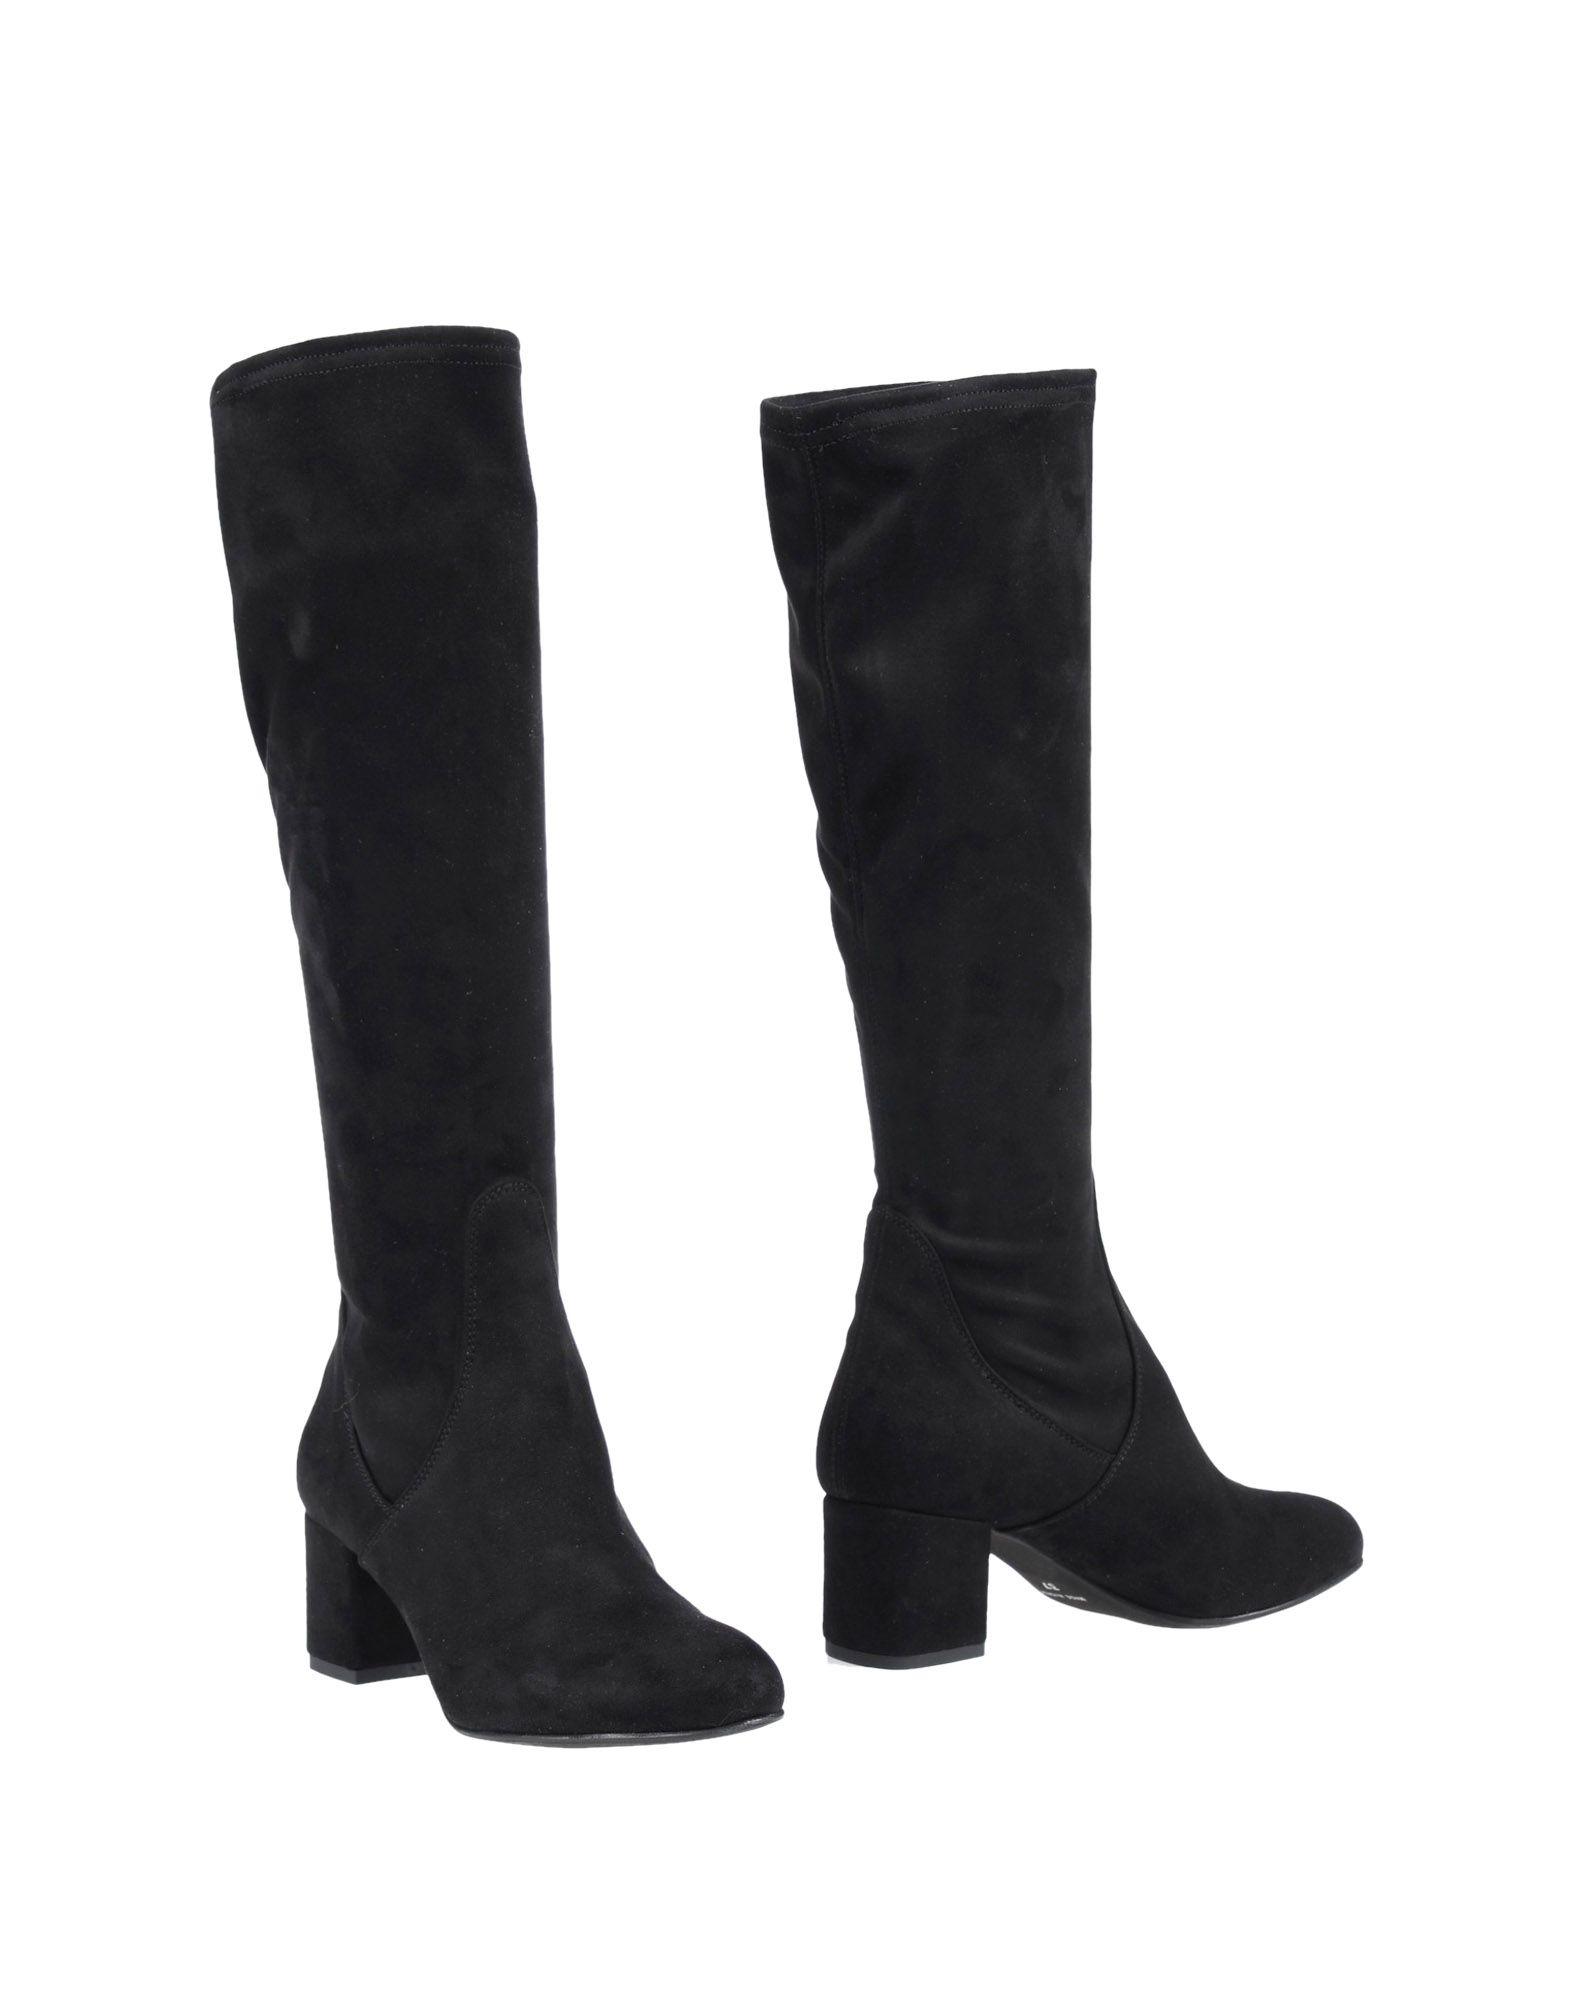 Stele Stiefel lohnt Damen Gutes Preis-Leistungs-Verhältnis, es lohnt Stiefel sich 9f68db